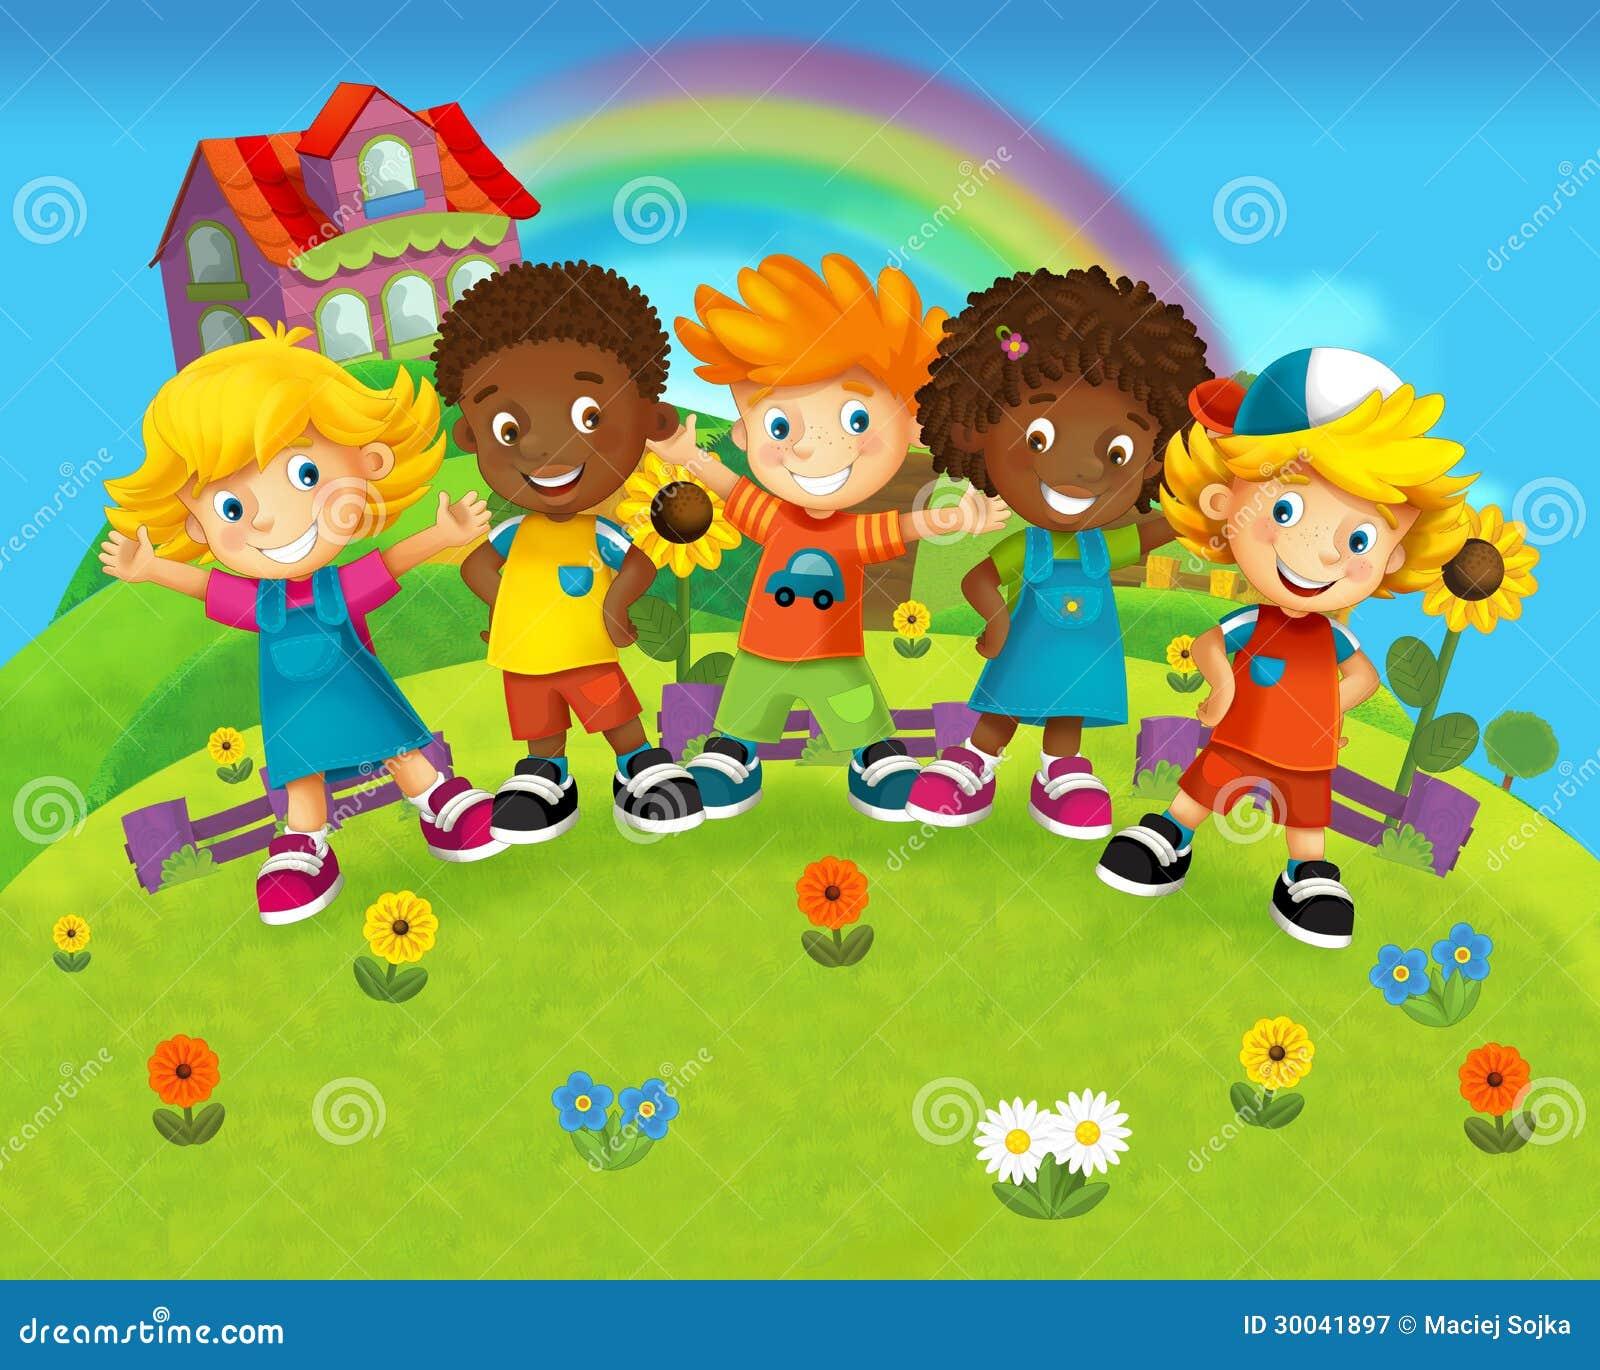 Imagenes De Ninos Preescolares